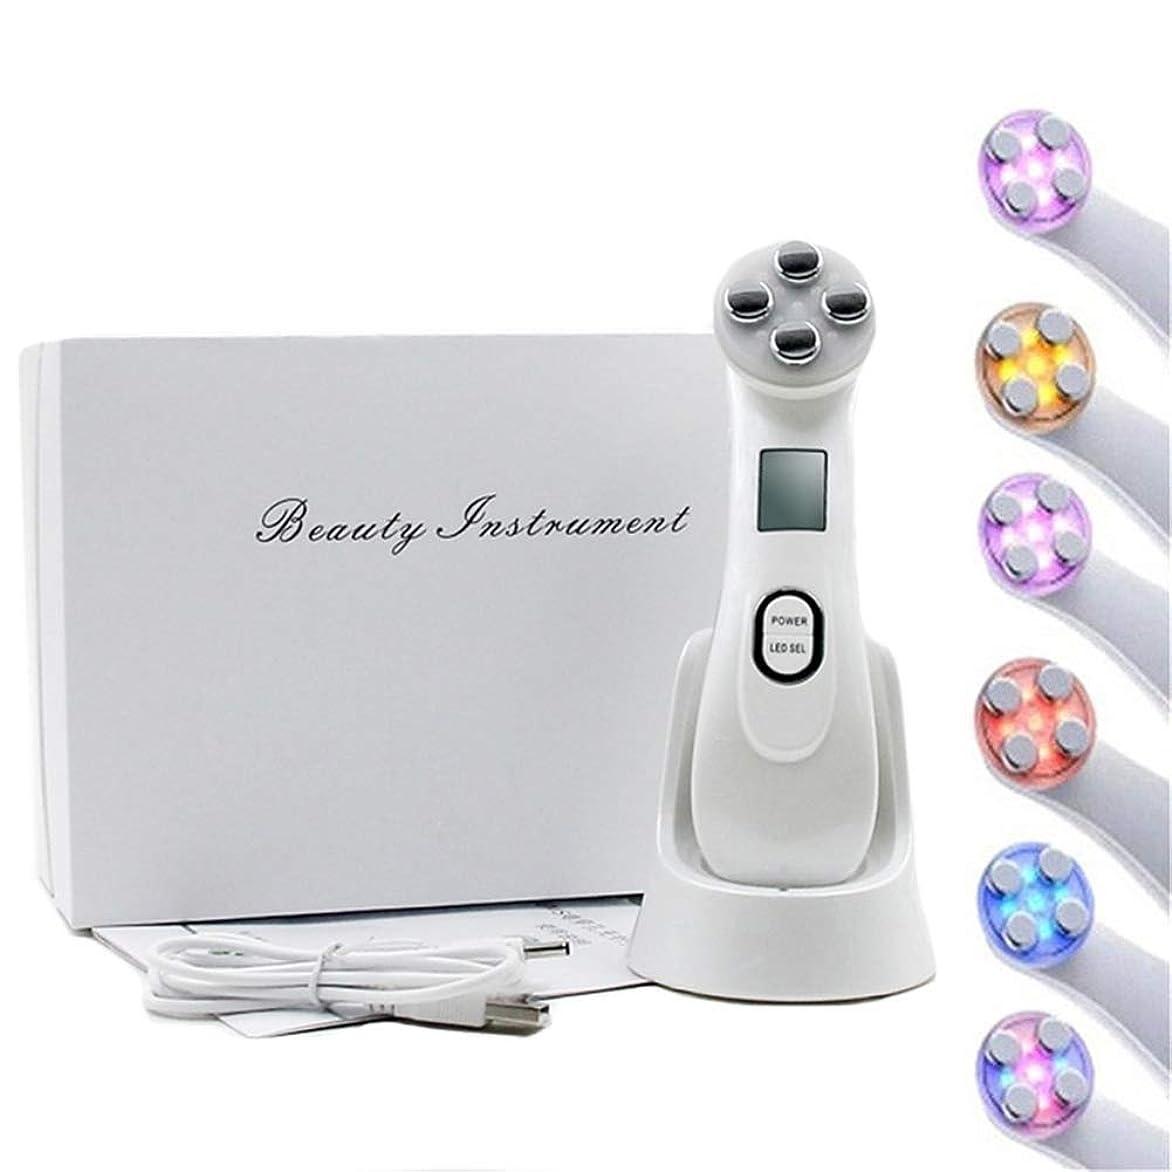 腹痛放射能交じるフェイススキンEMSメソセラピーエレクトロポレーションRFラジオ周波数フェイシャルLEDフォトンスキンケアデバイスフェイスリフトは、美容機器を締めます